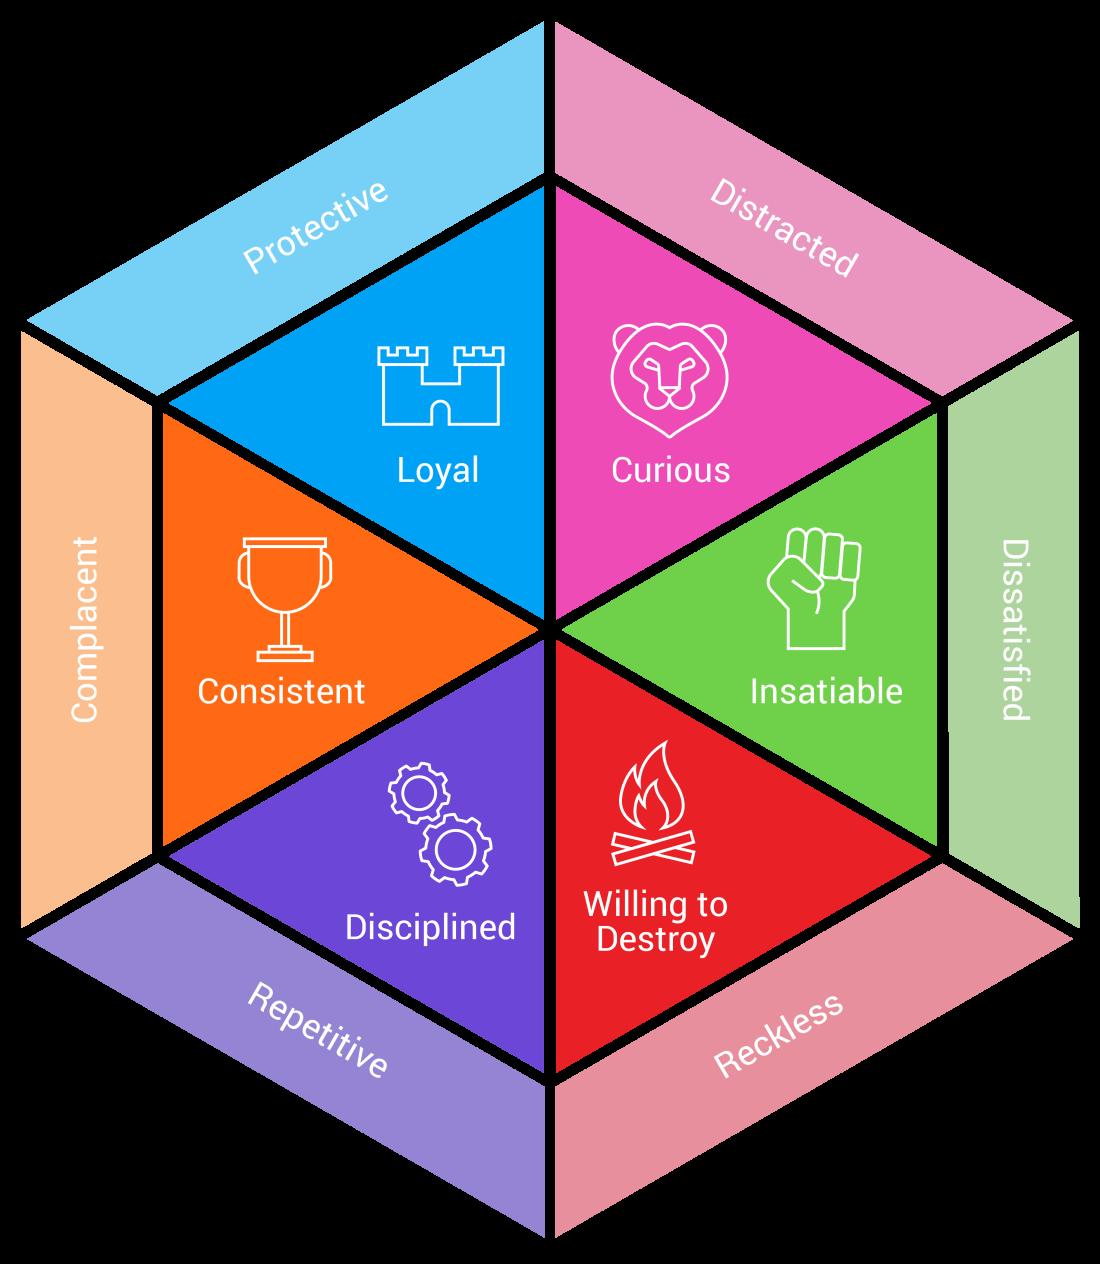 Innovation Assessment Hexagon